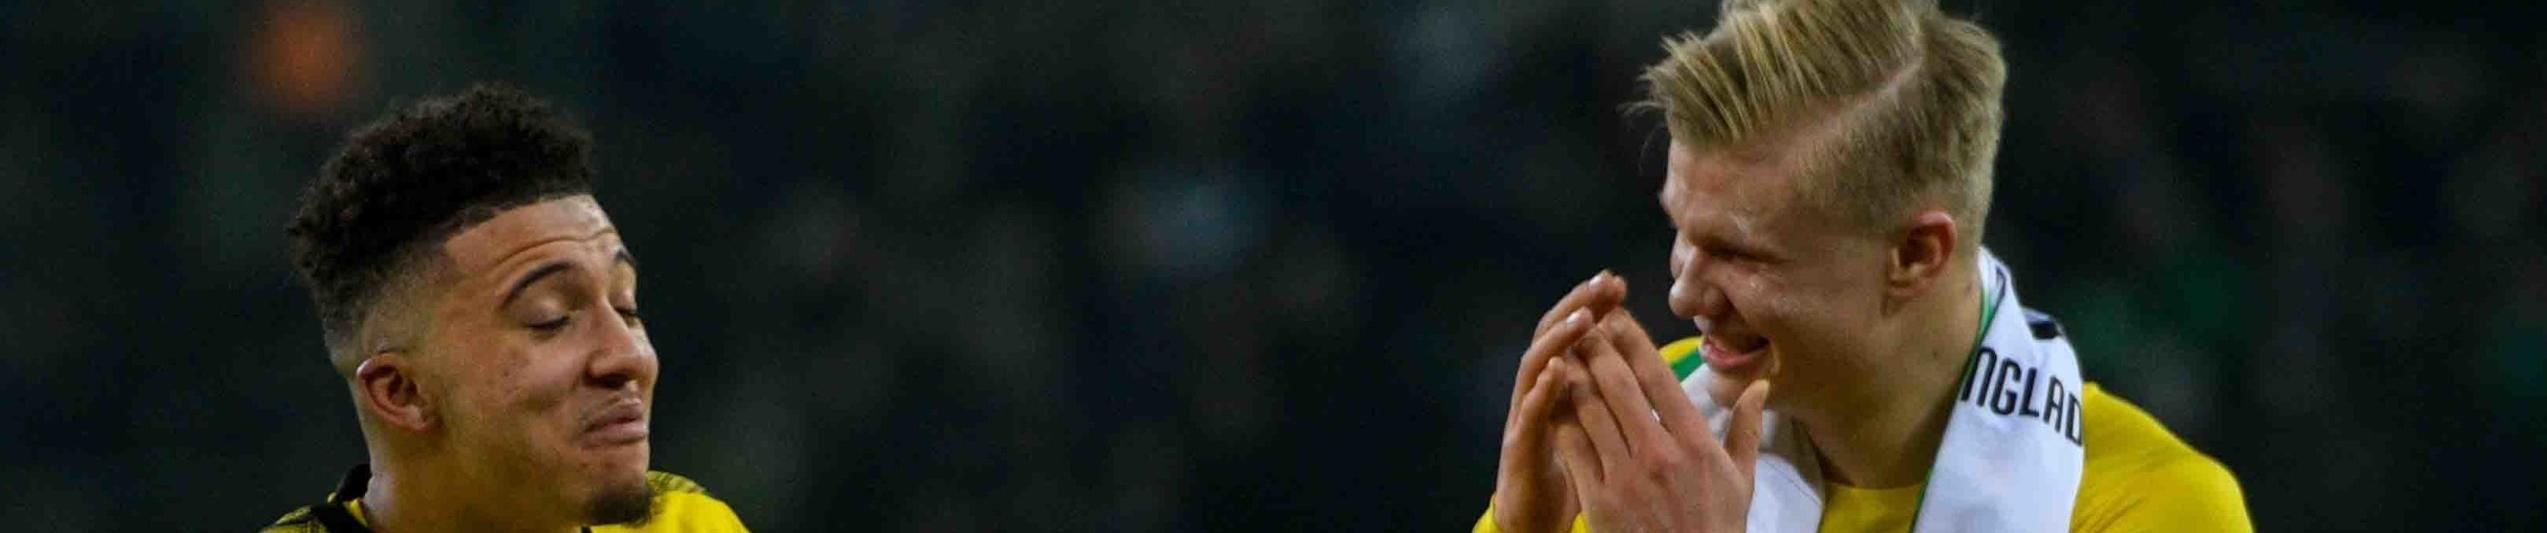 Quote Borussia Dortmund-Schalke 04: riparte la caccia al Meisterschale